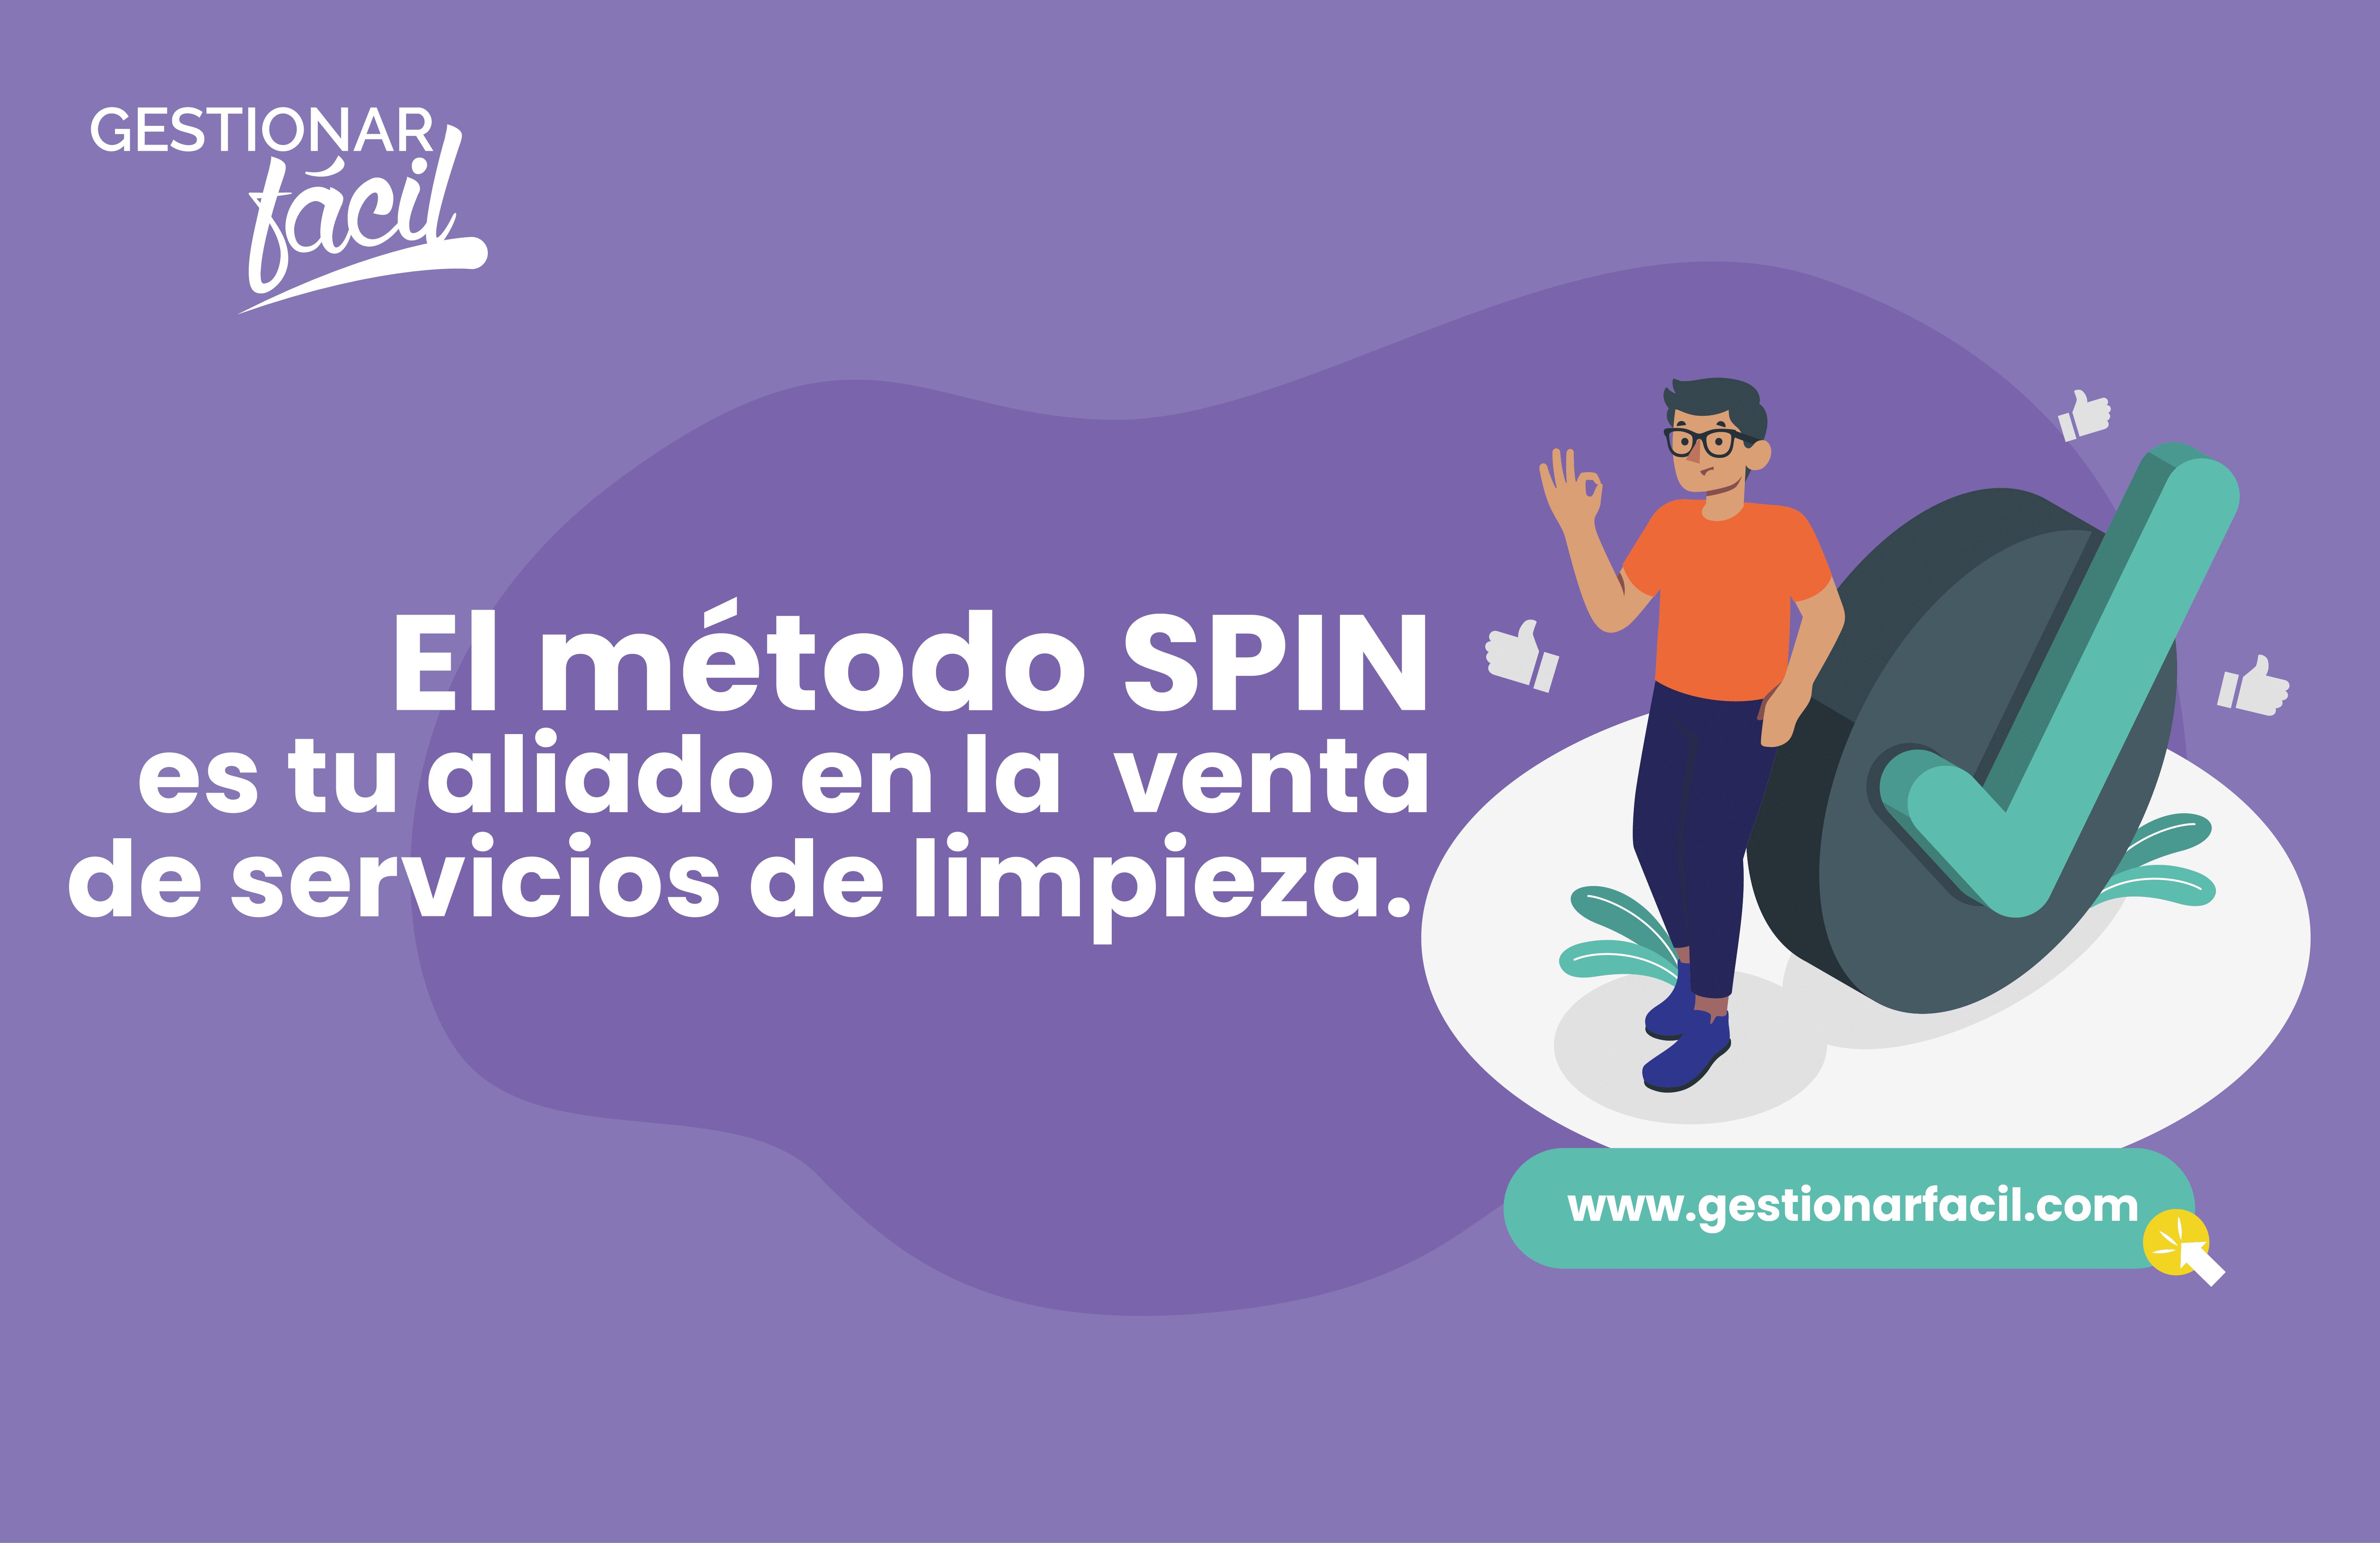 El método SPIN es tu aliado en la venta de servicio de limpieza.